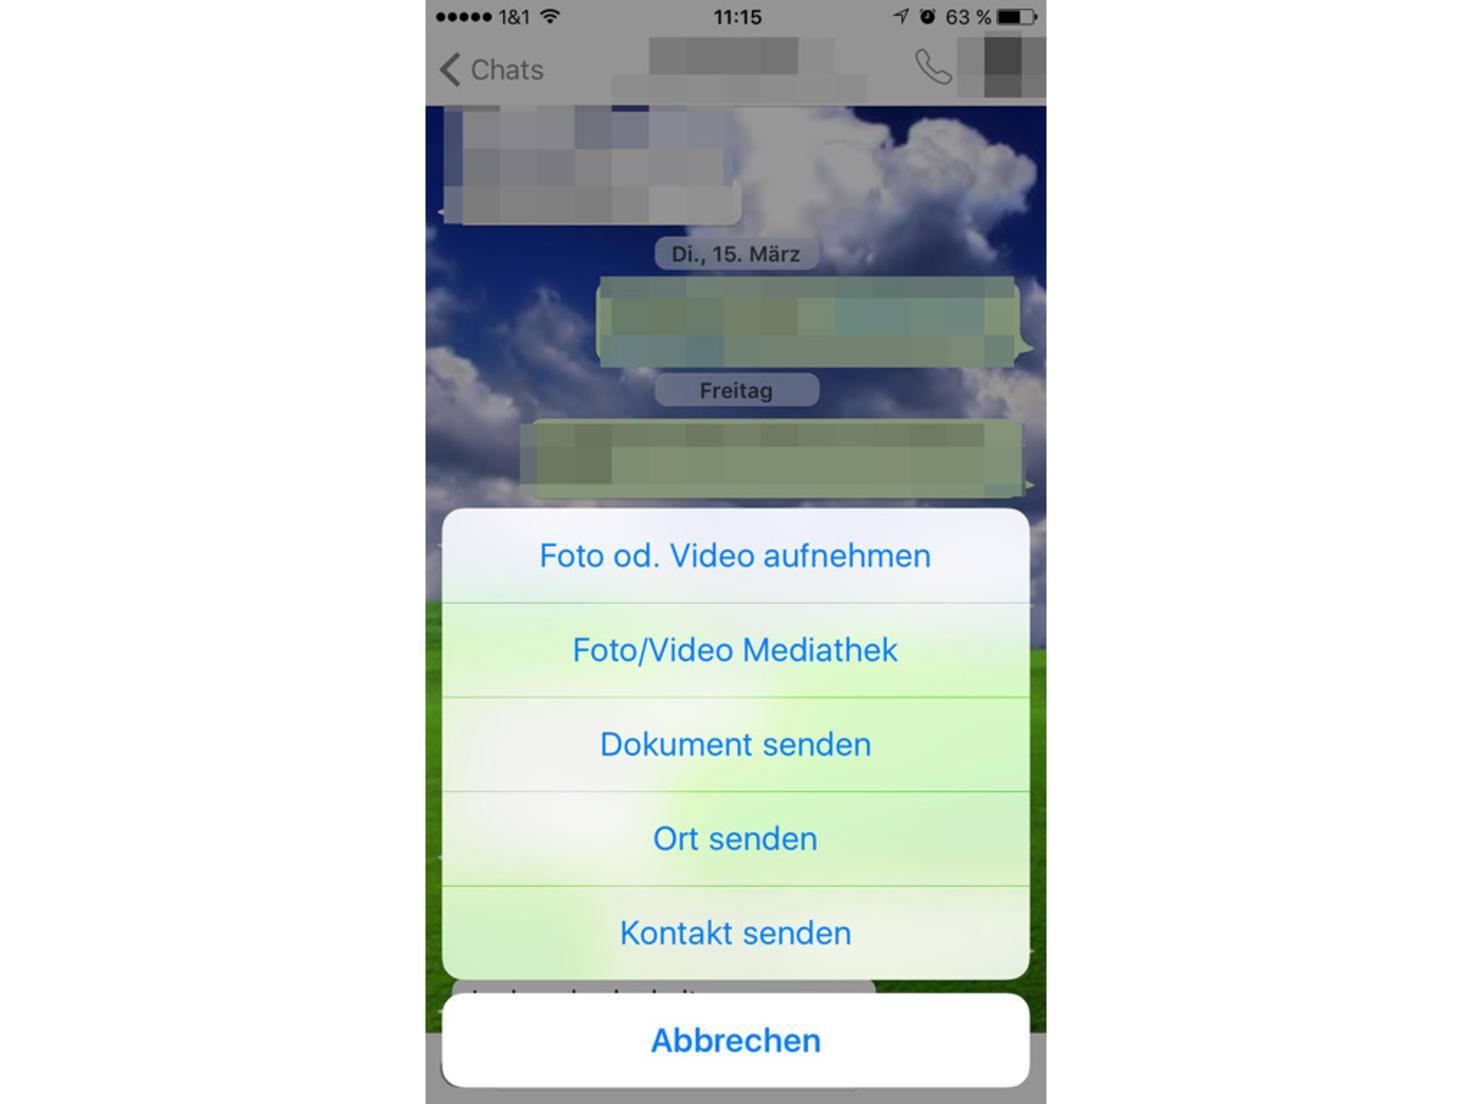 Erst Share-Button in WhatsApp anklicken, dann Dokument senden.